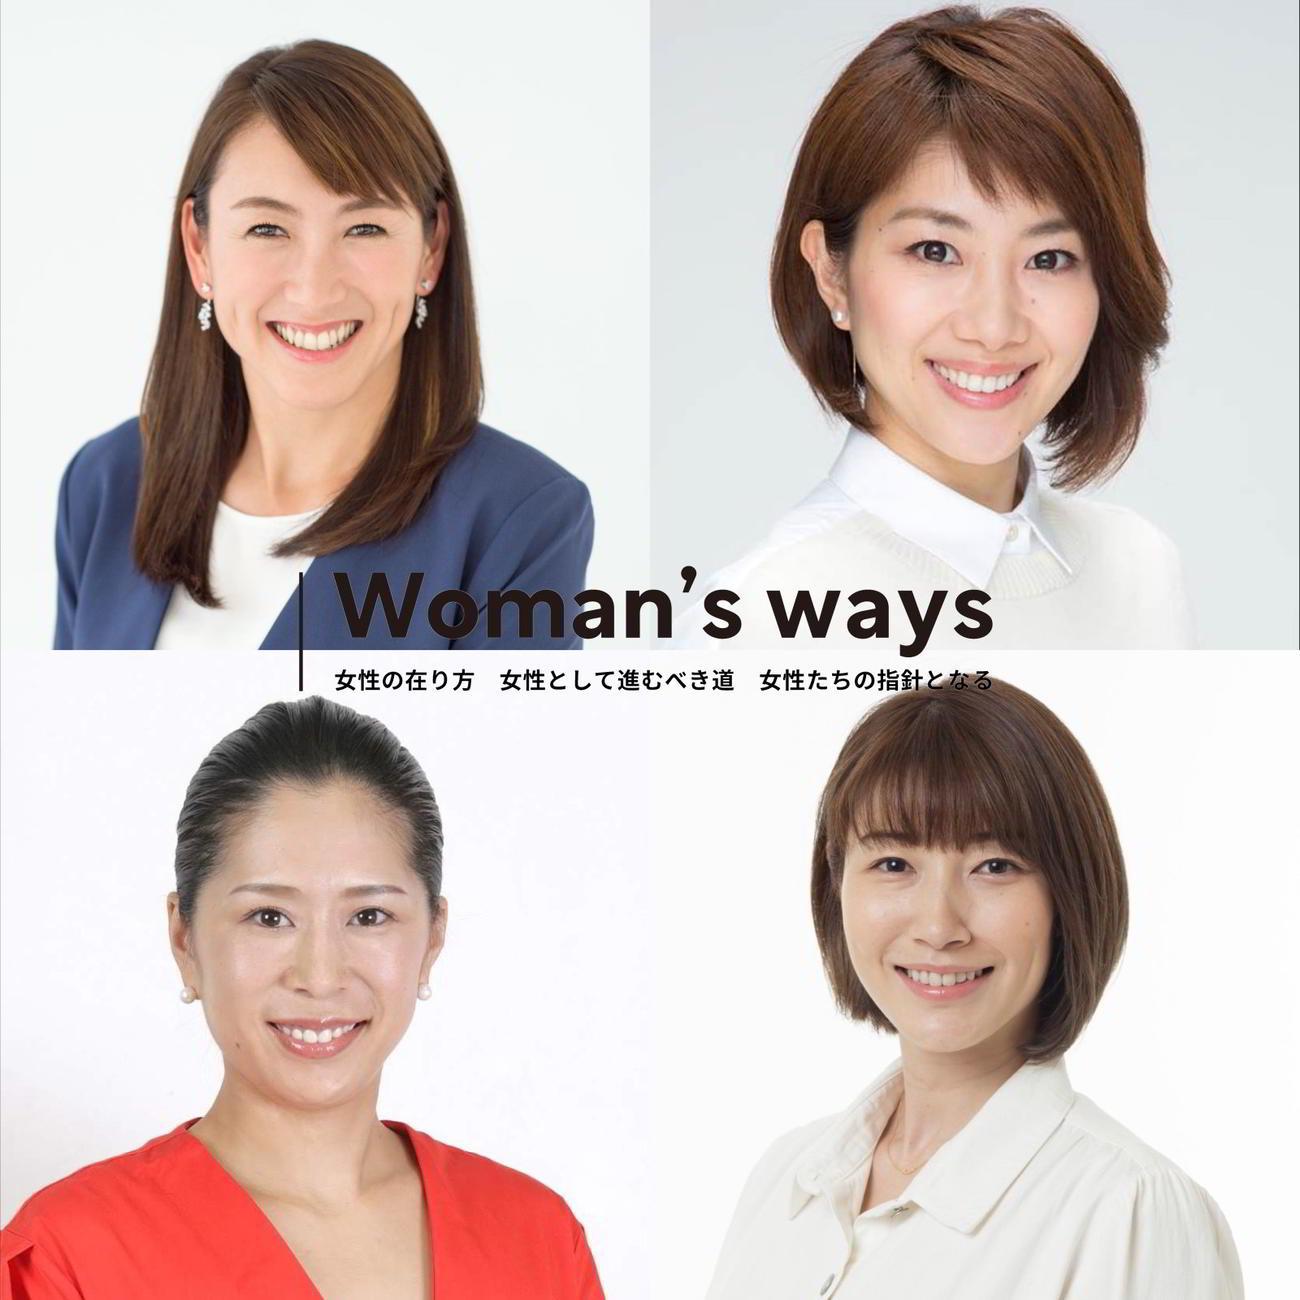 「Woman's ways」を立ち上げました